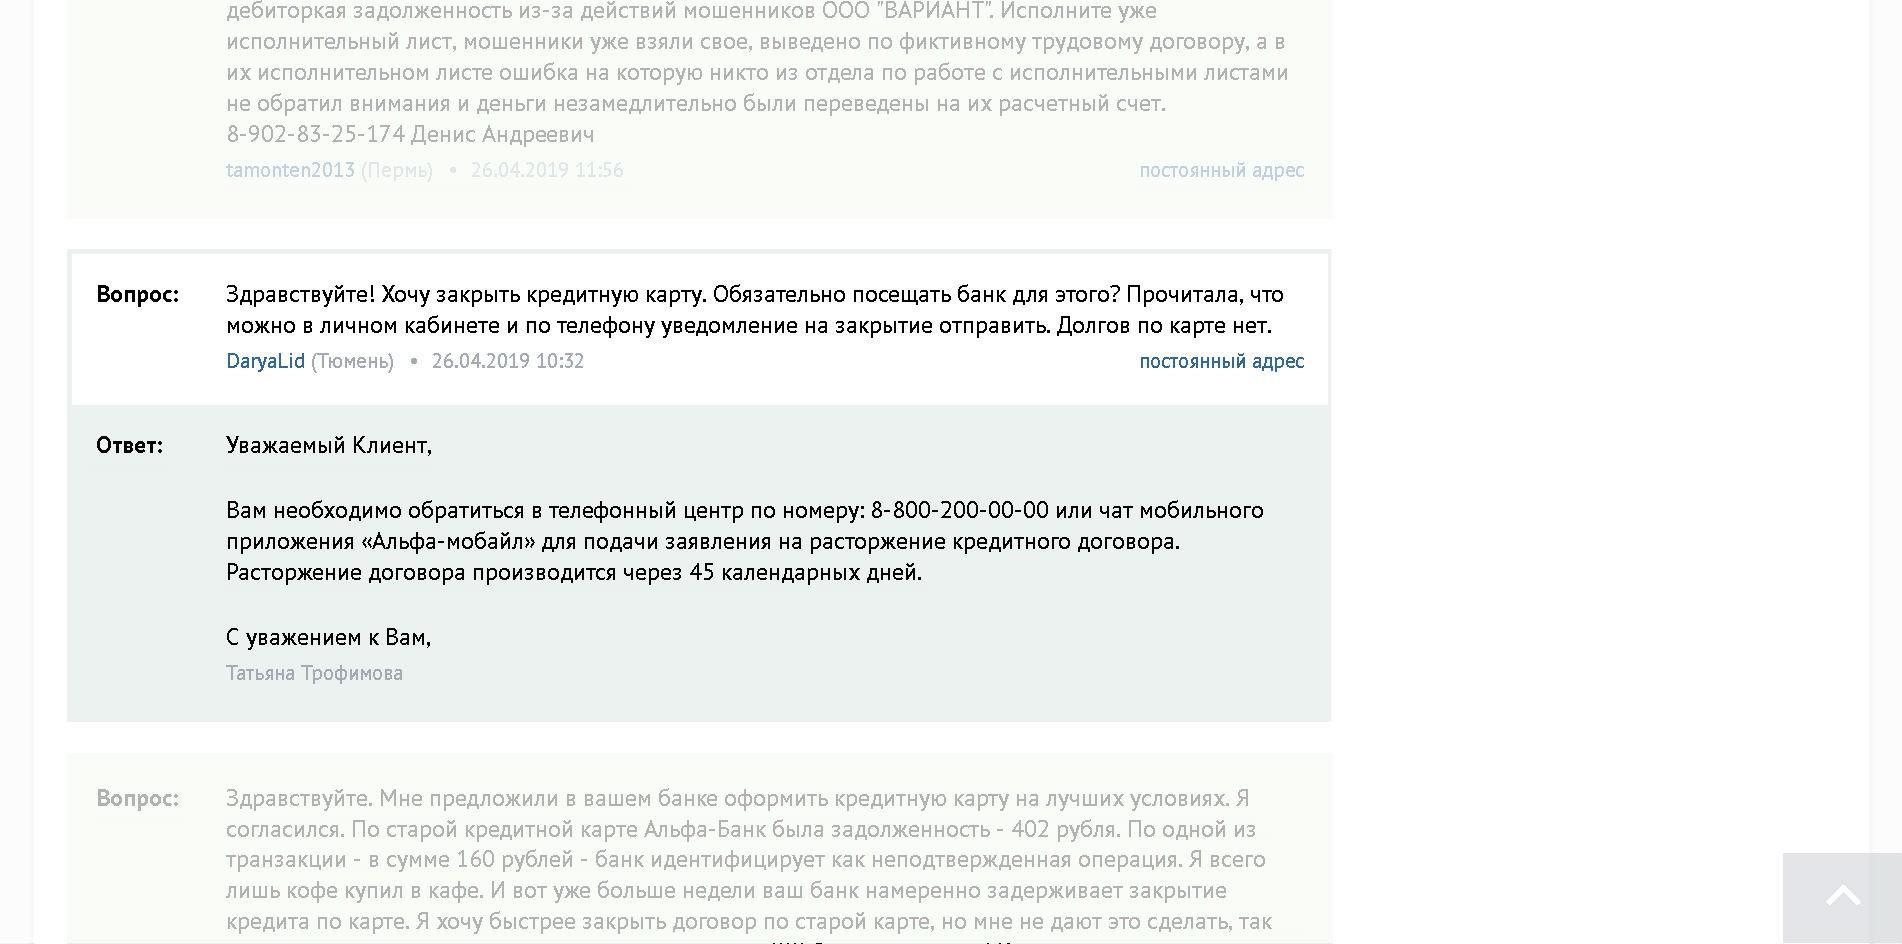 оставить заявку на кредитную карту в альфа банке онлайн заявка работа в томске кредиты